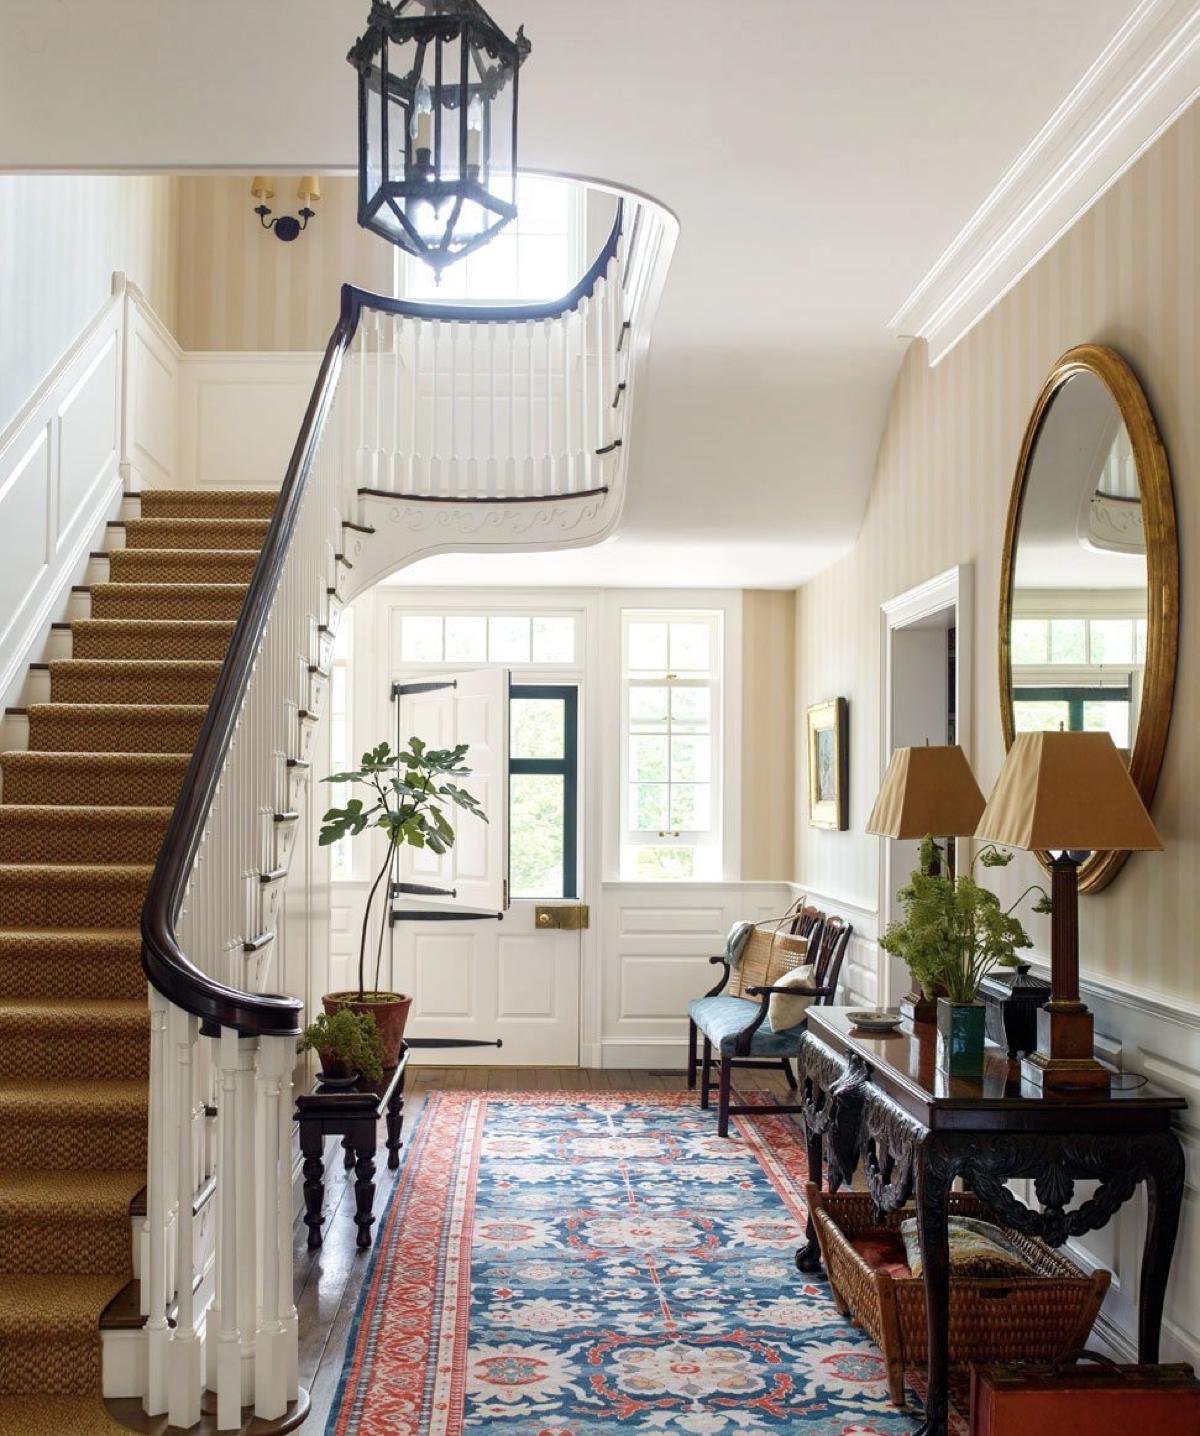 Rumah bergaya American style – source: pinterest.com